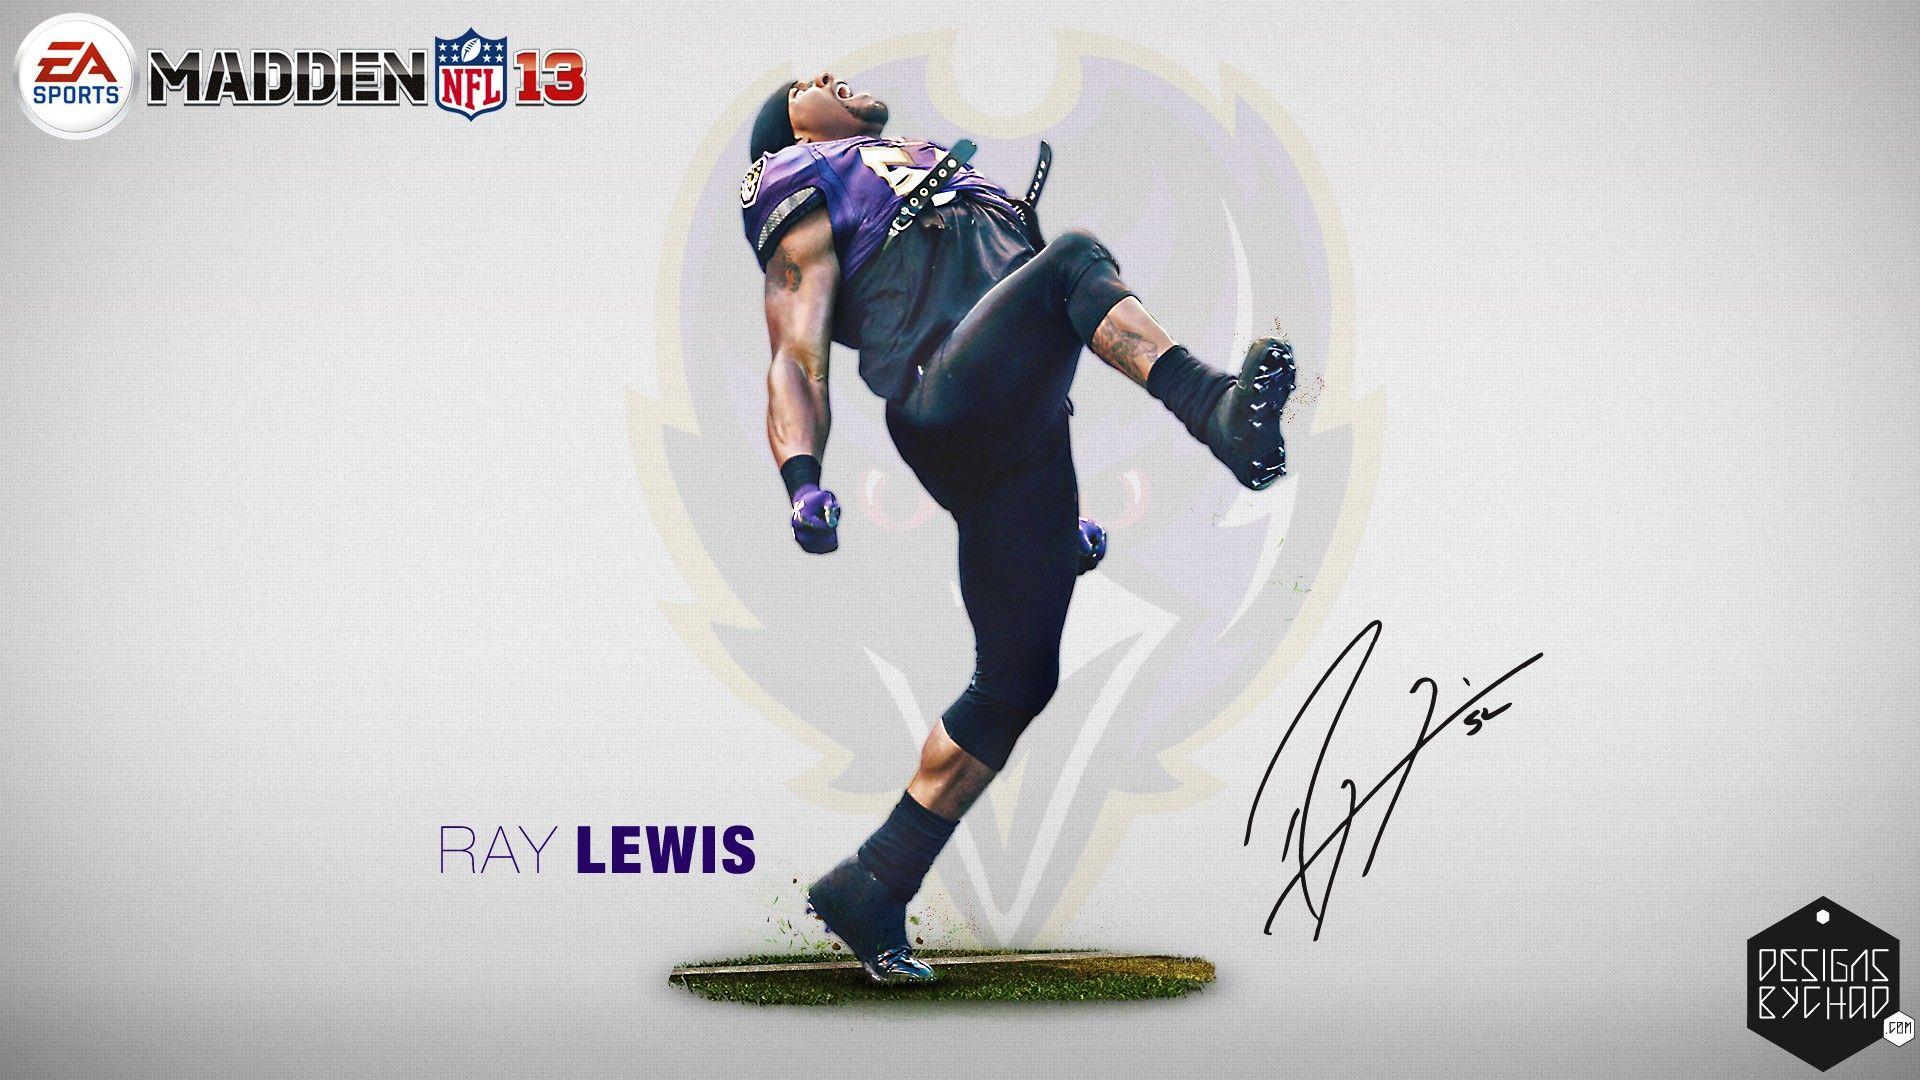 Ray Lewis 2013 Baltimore Ravens HD Wallpaper